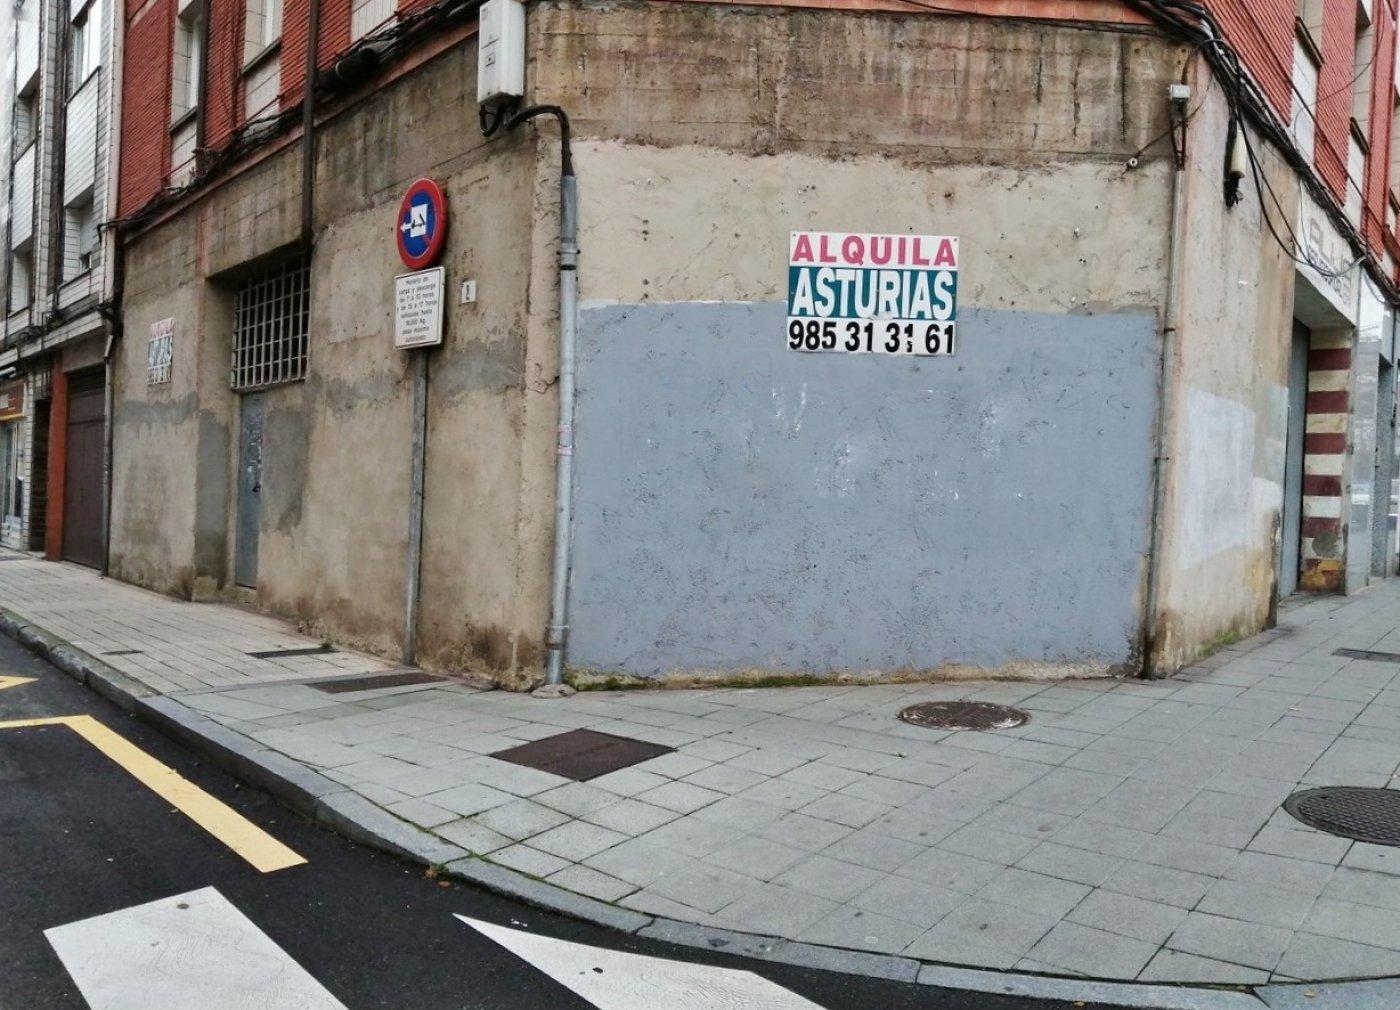 Estupenda esquina en la avenida de galicia - imagenInmueble1